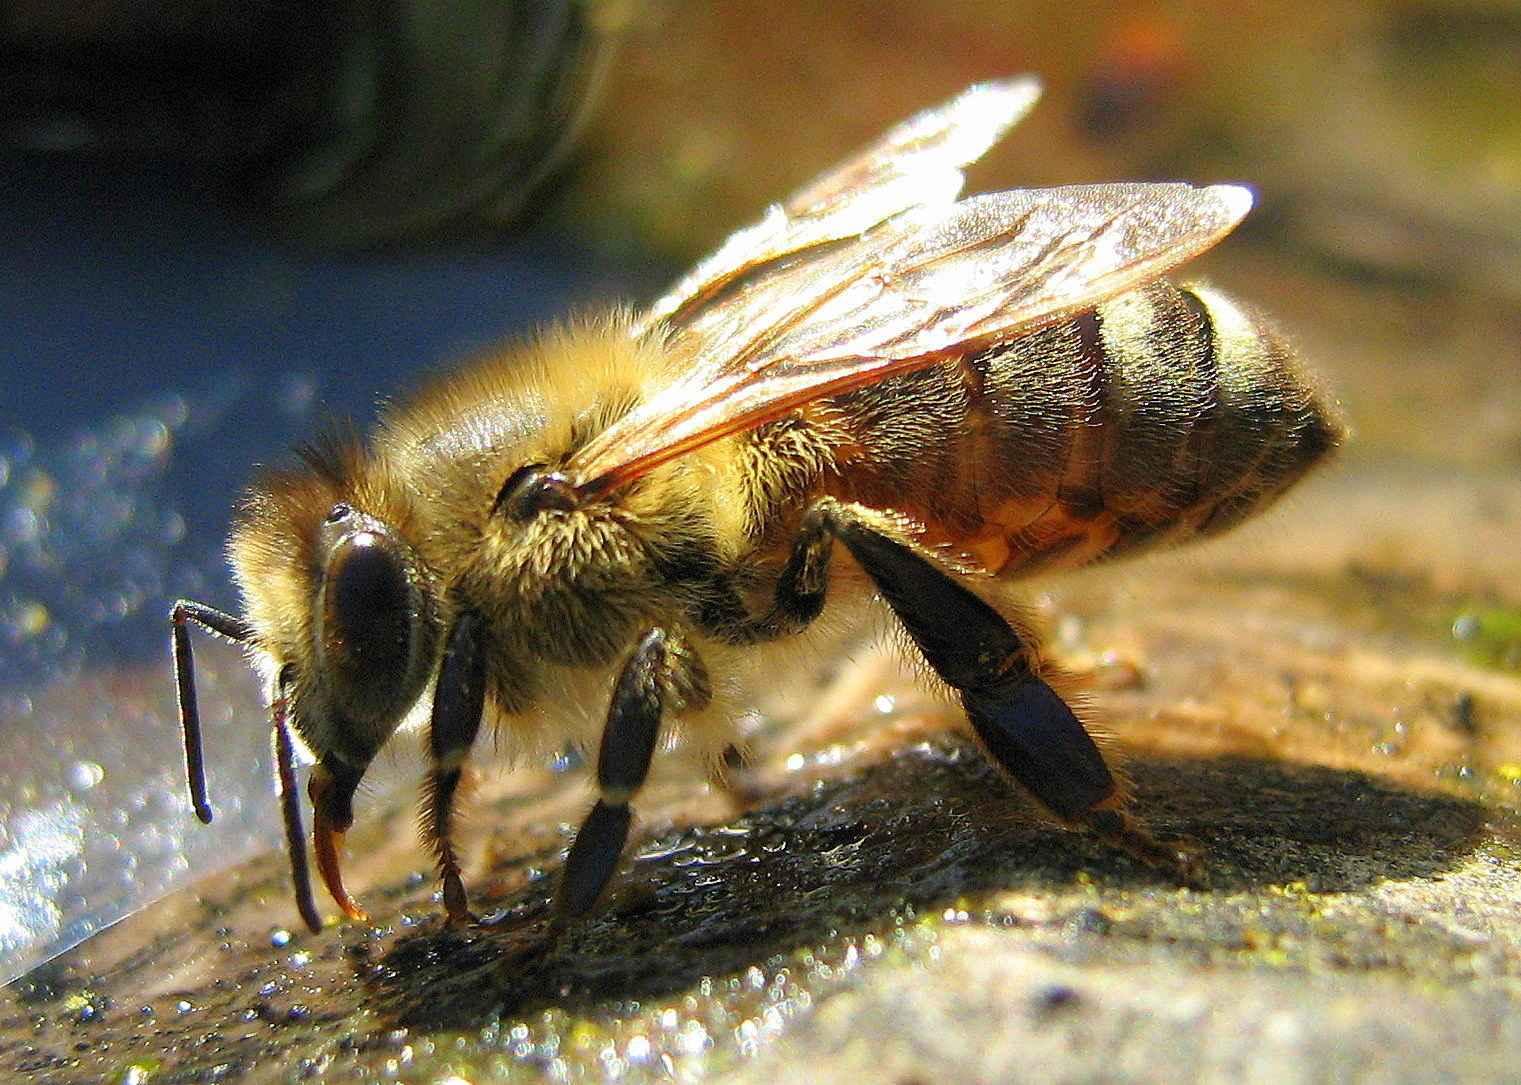 زنبور عسل کارگر در حال جمع آوری آب